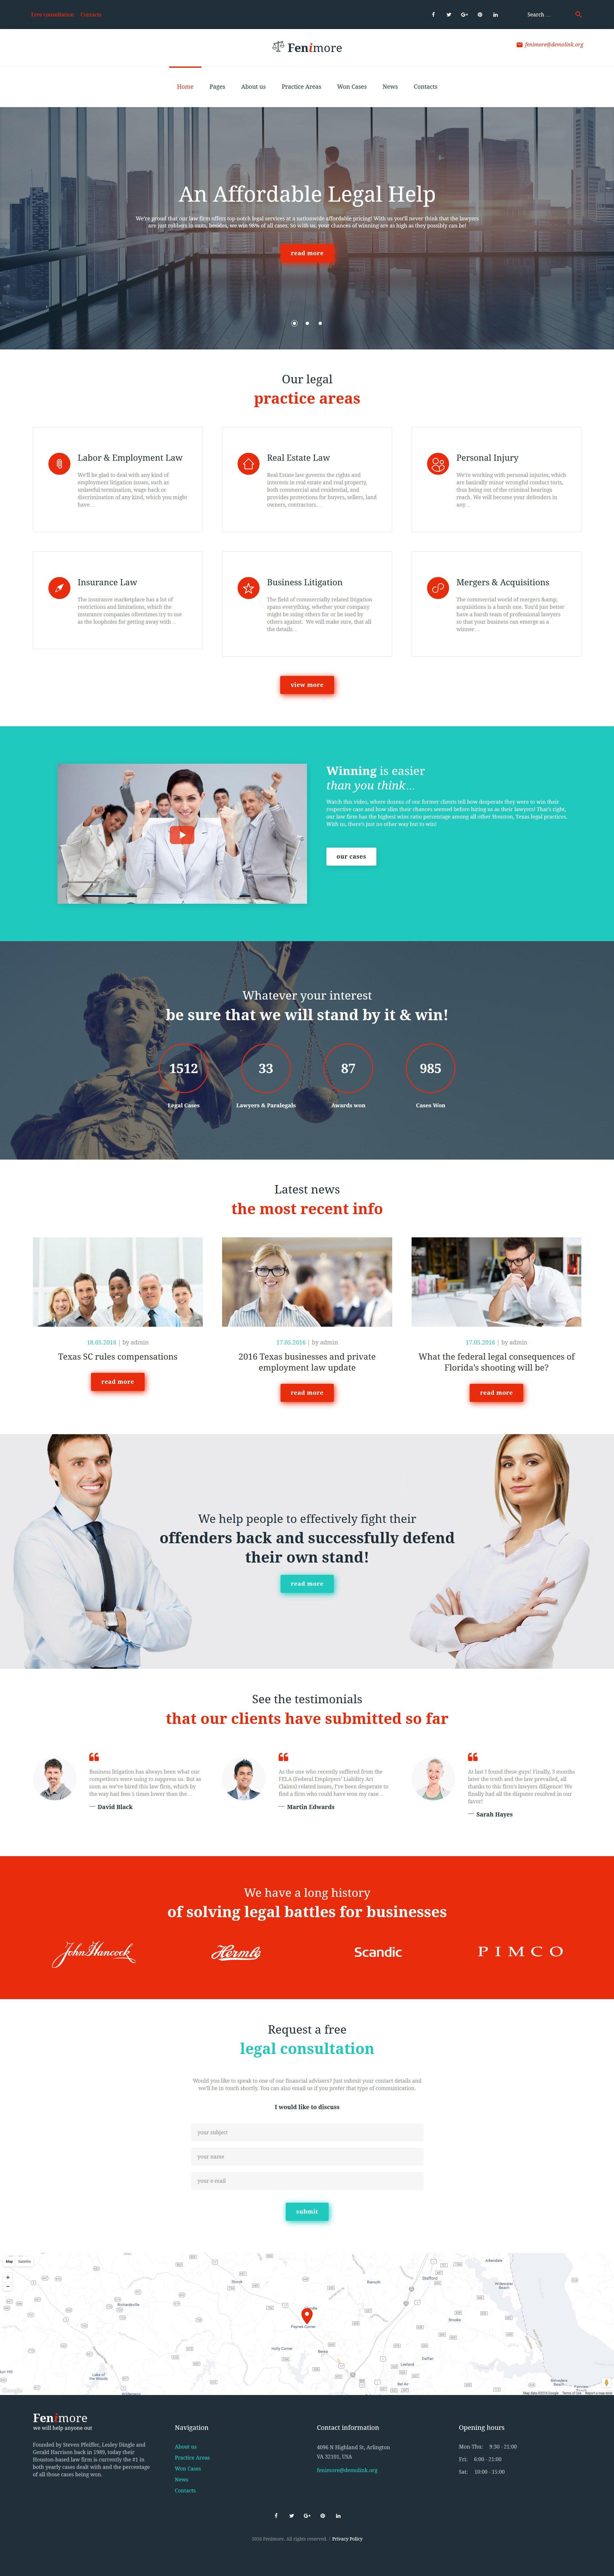 Reszponzív Fenimore - egy ügyvédi irodáknak létrehozott WordPress téma WordPress sablon 58958 - képernyőkép